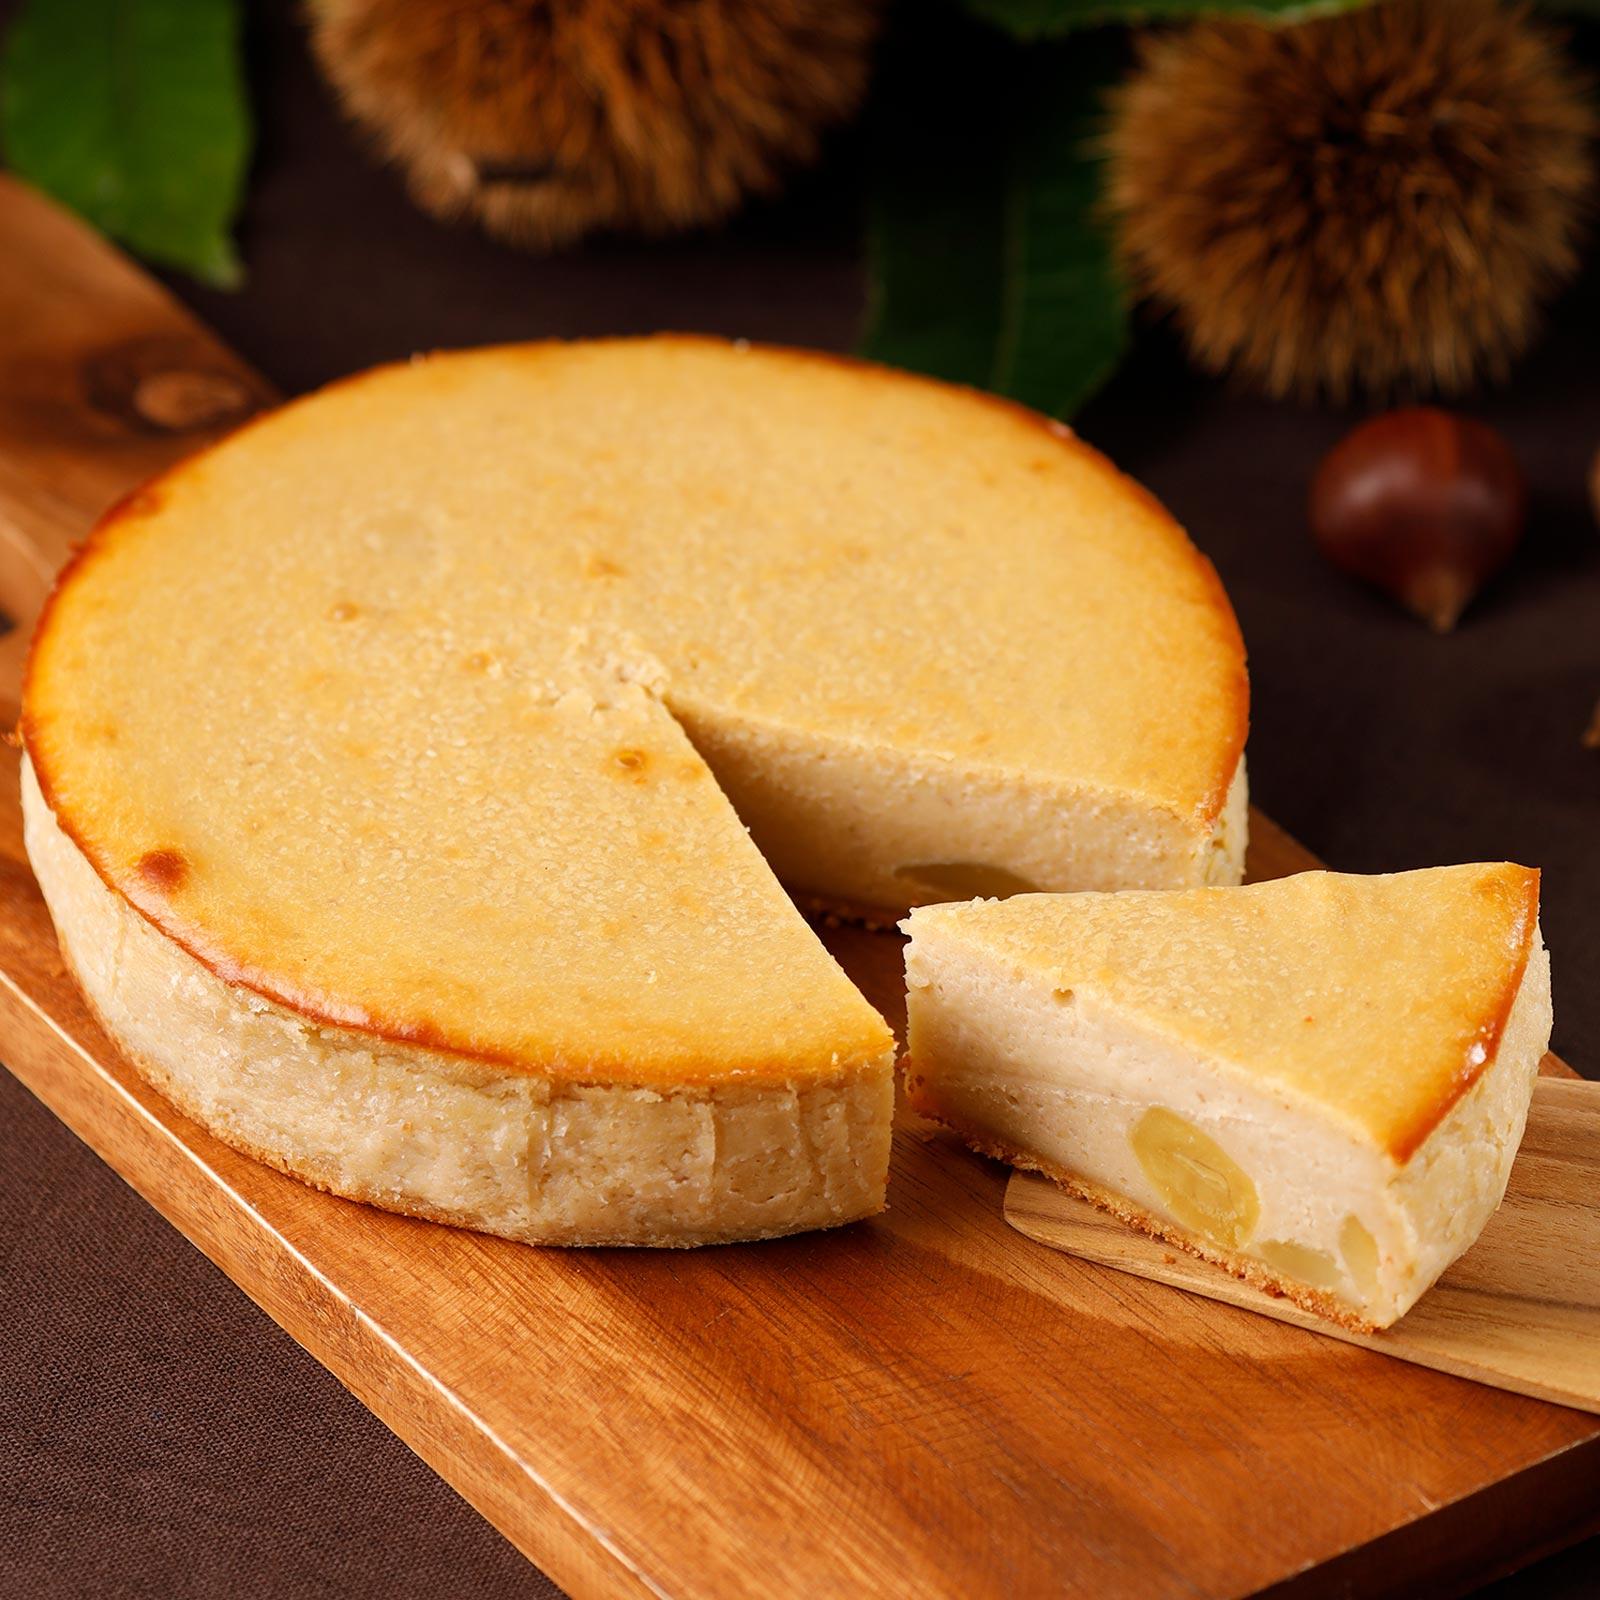 和栗をたっぷりと敷き詰めた、秋だけの濃厚なチーズケーキ